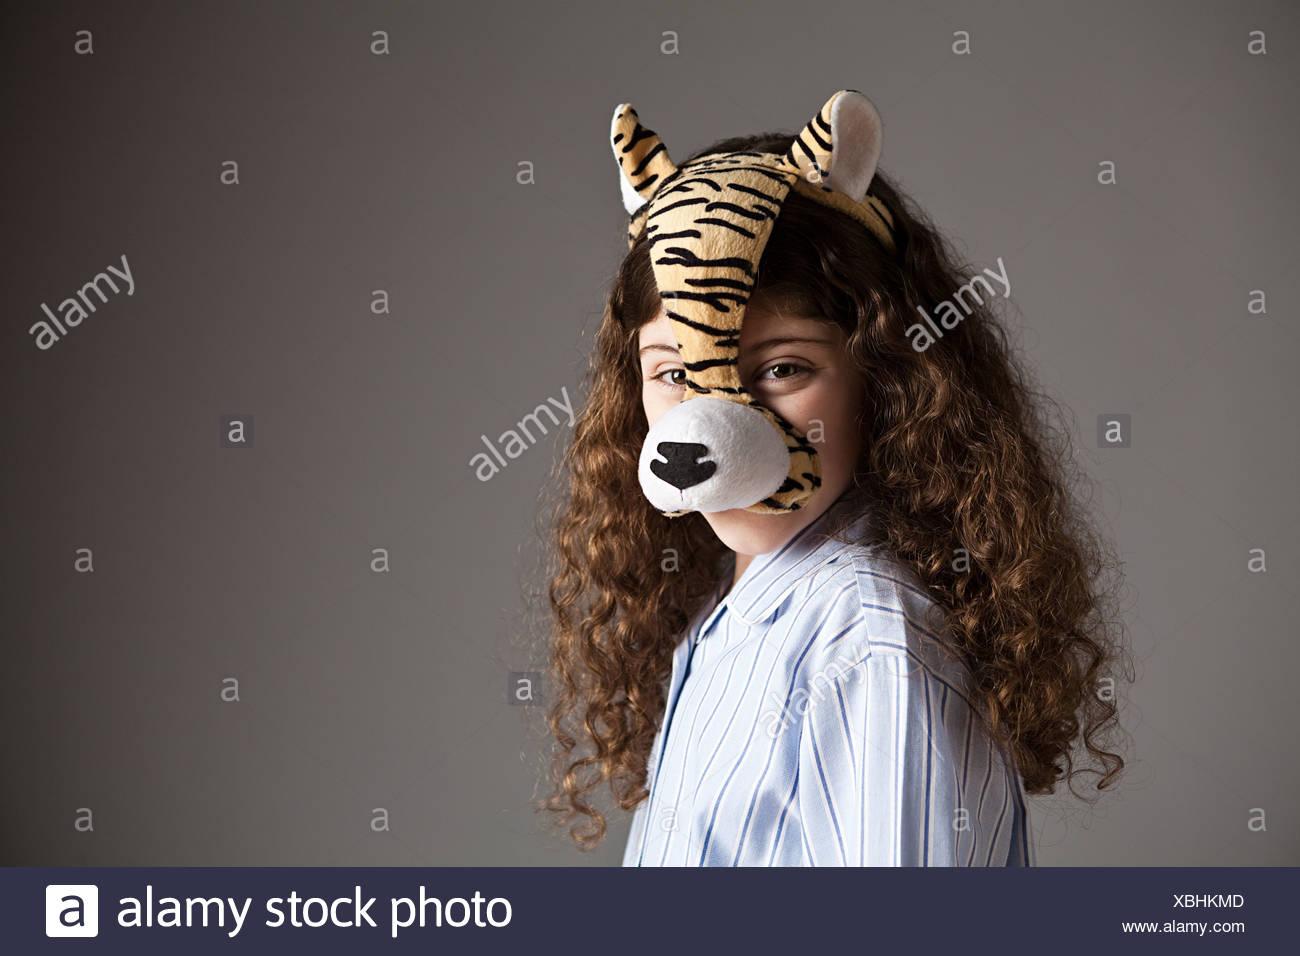 Giovane ragazza che indossa la maschera della tigre Immagini Stock